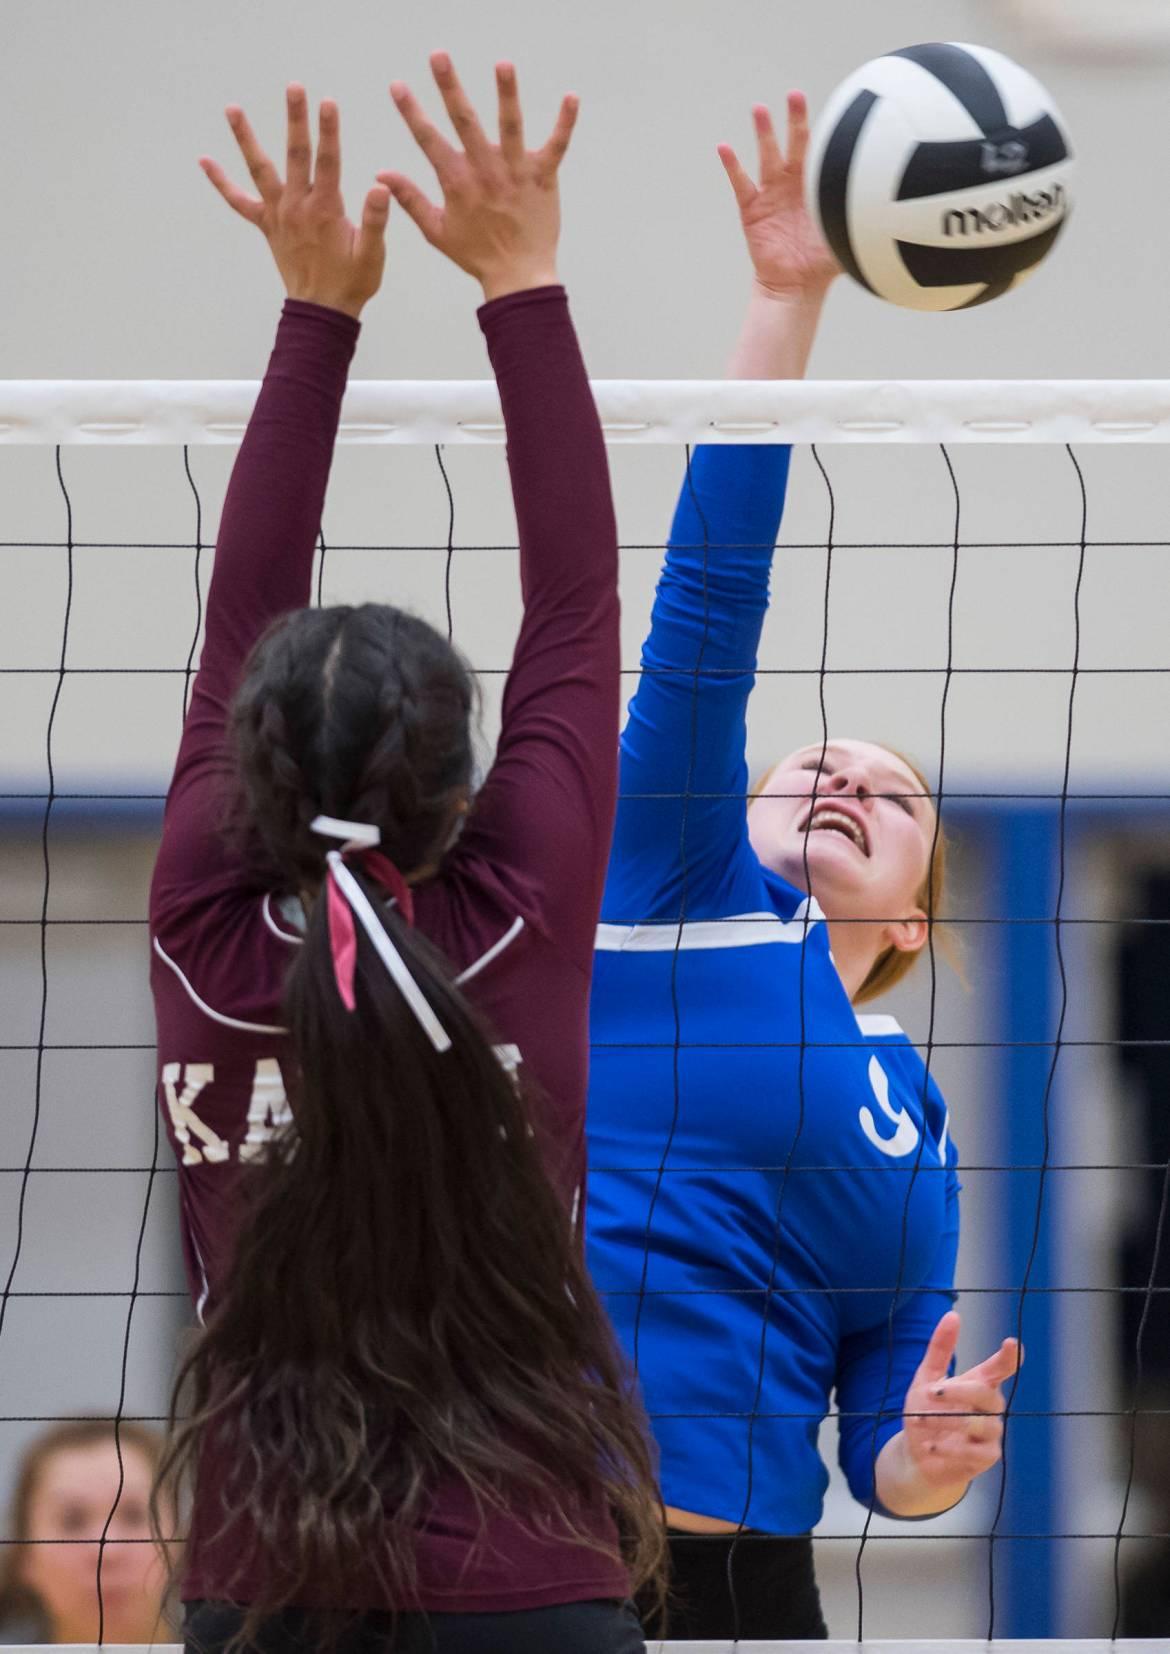 Lexi Murry, de Thunder Mountain, à droite, pointe le ballon contre Madison Purcell de Ketchikan au TMHS le vendredi 14 septembre 2018. Le TMHS a gagné 3-0. (Michael Penn | Juneau Empire)